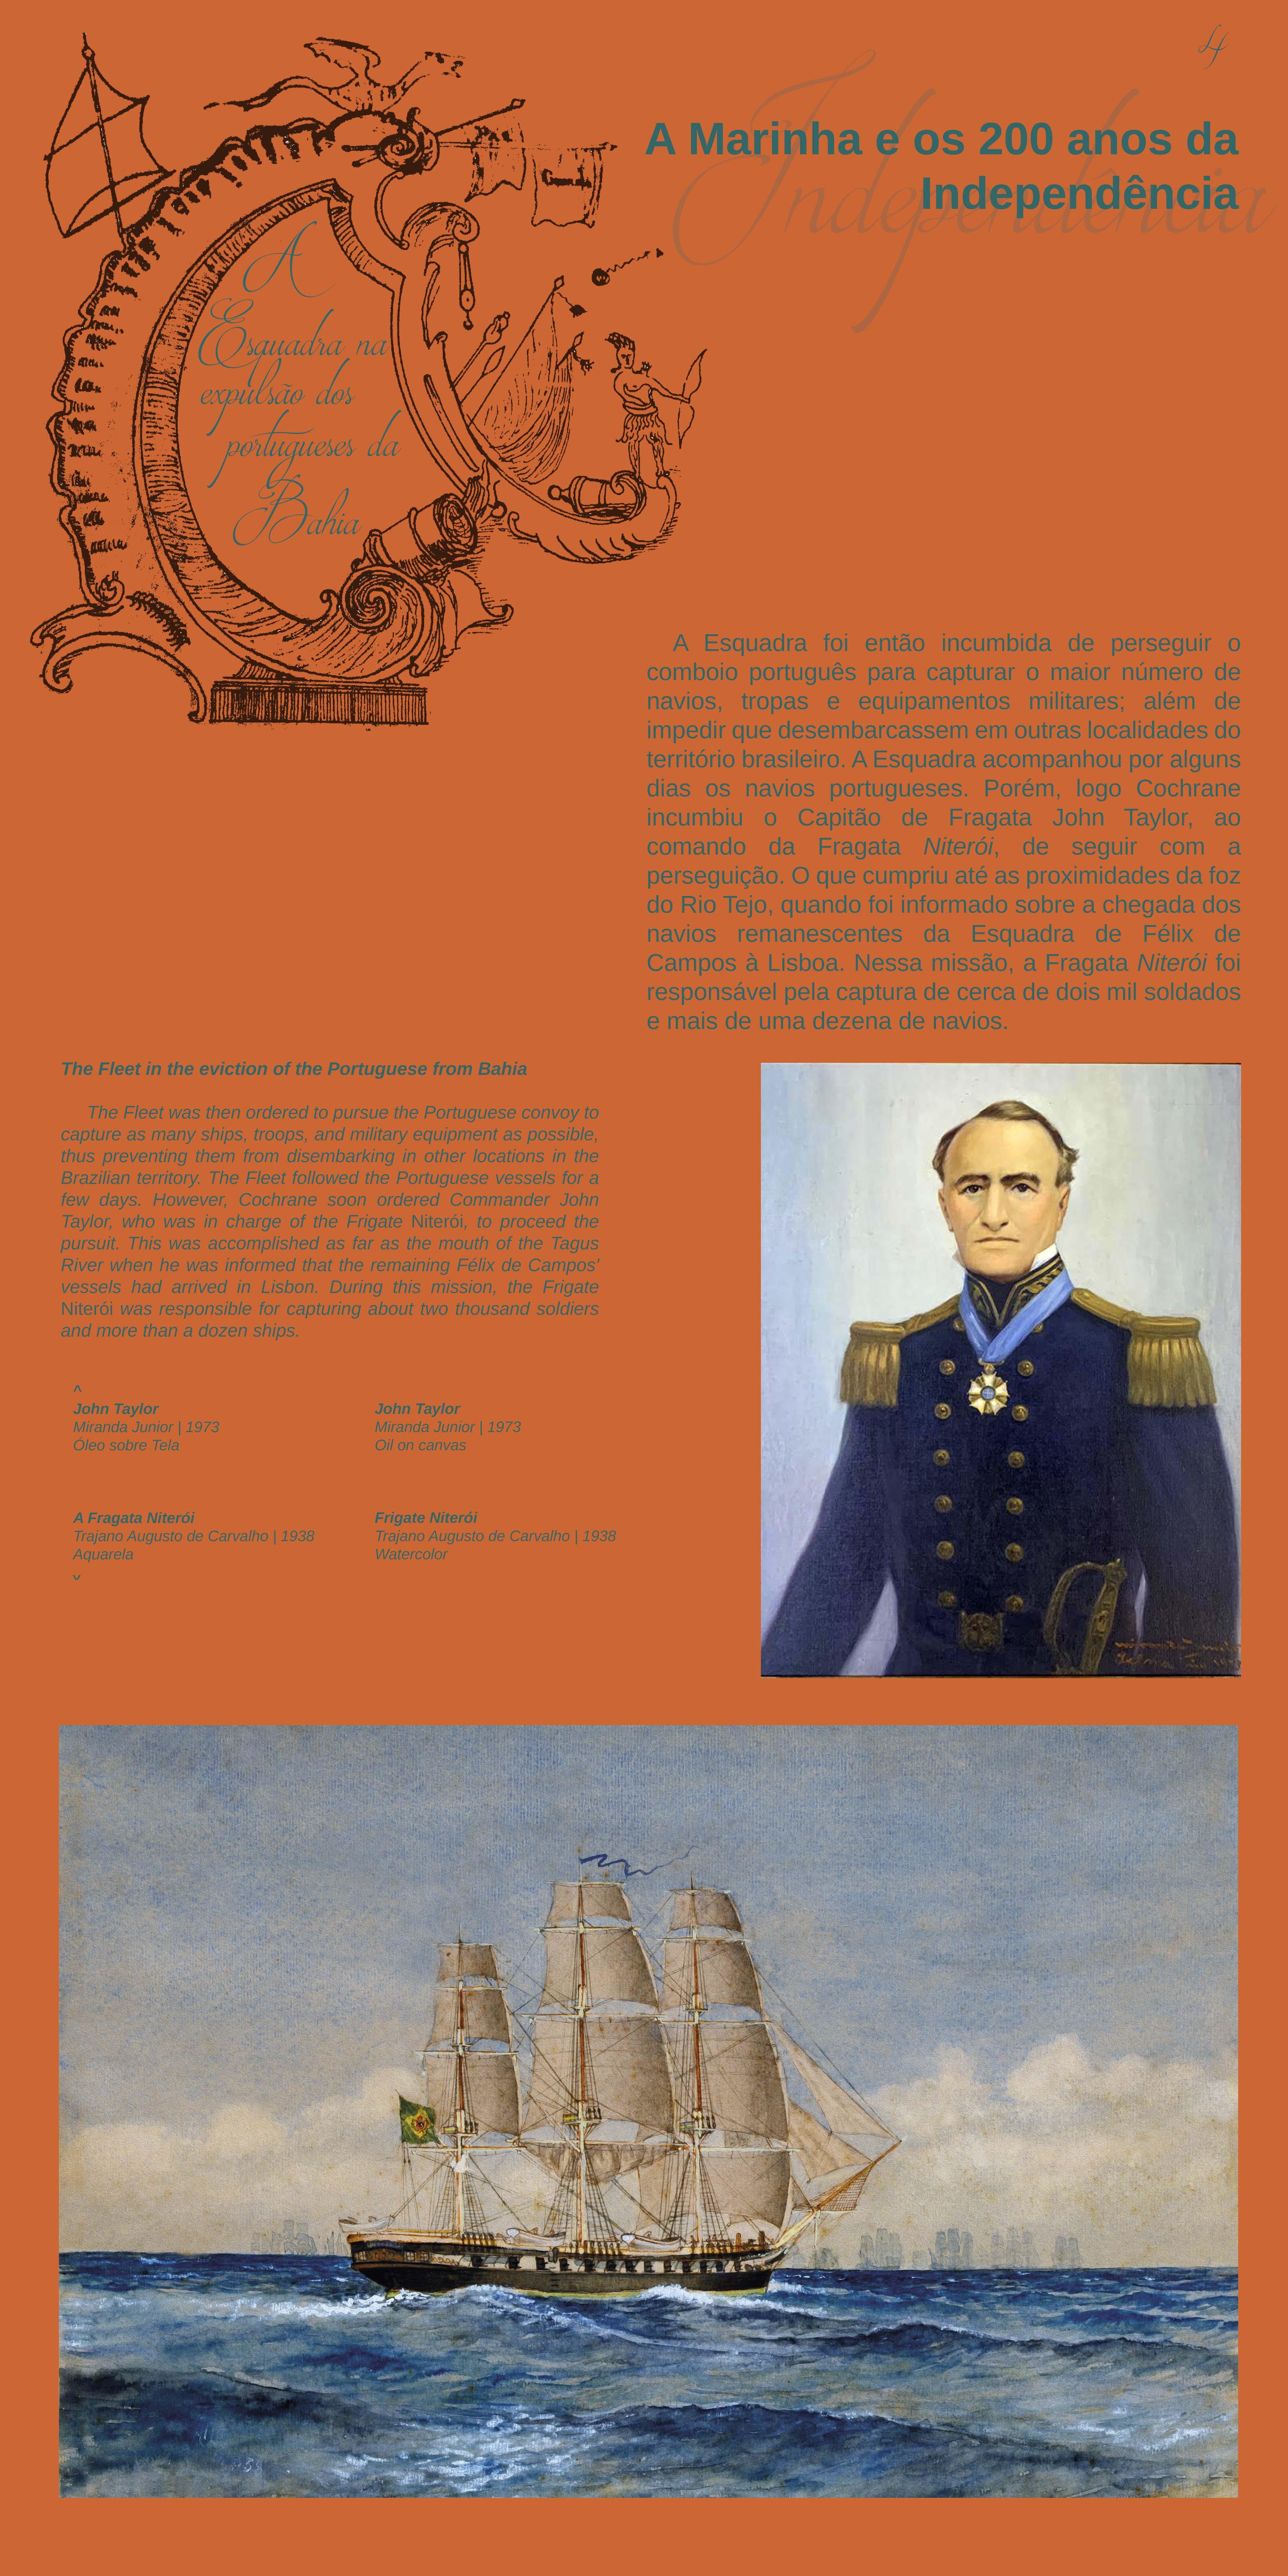 A Esquadra na explsão dos portugueses da Bahia (2º)